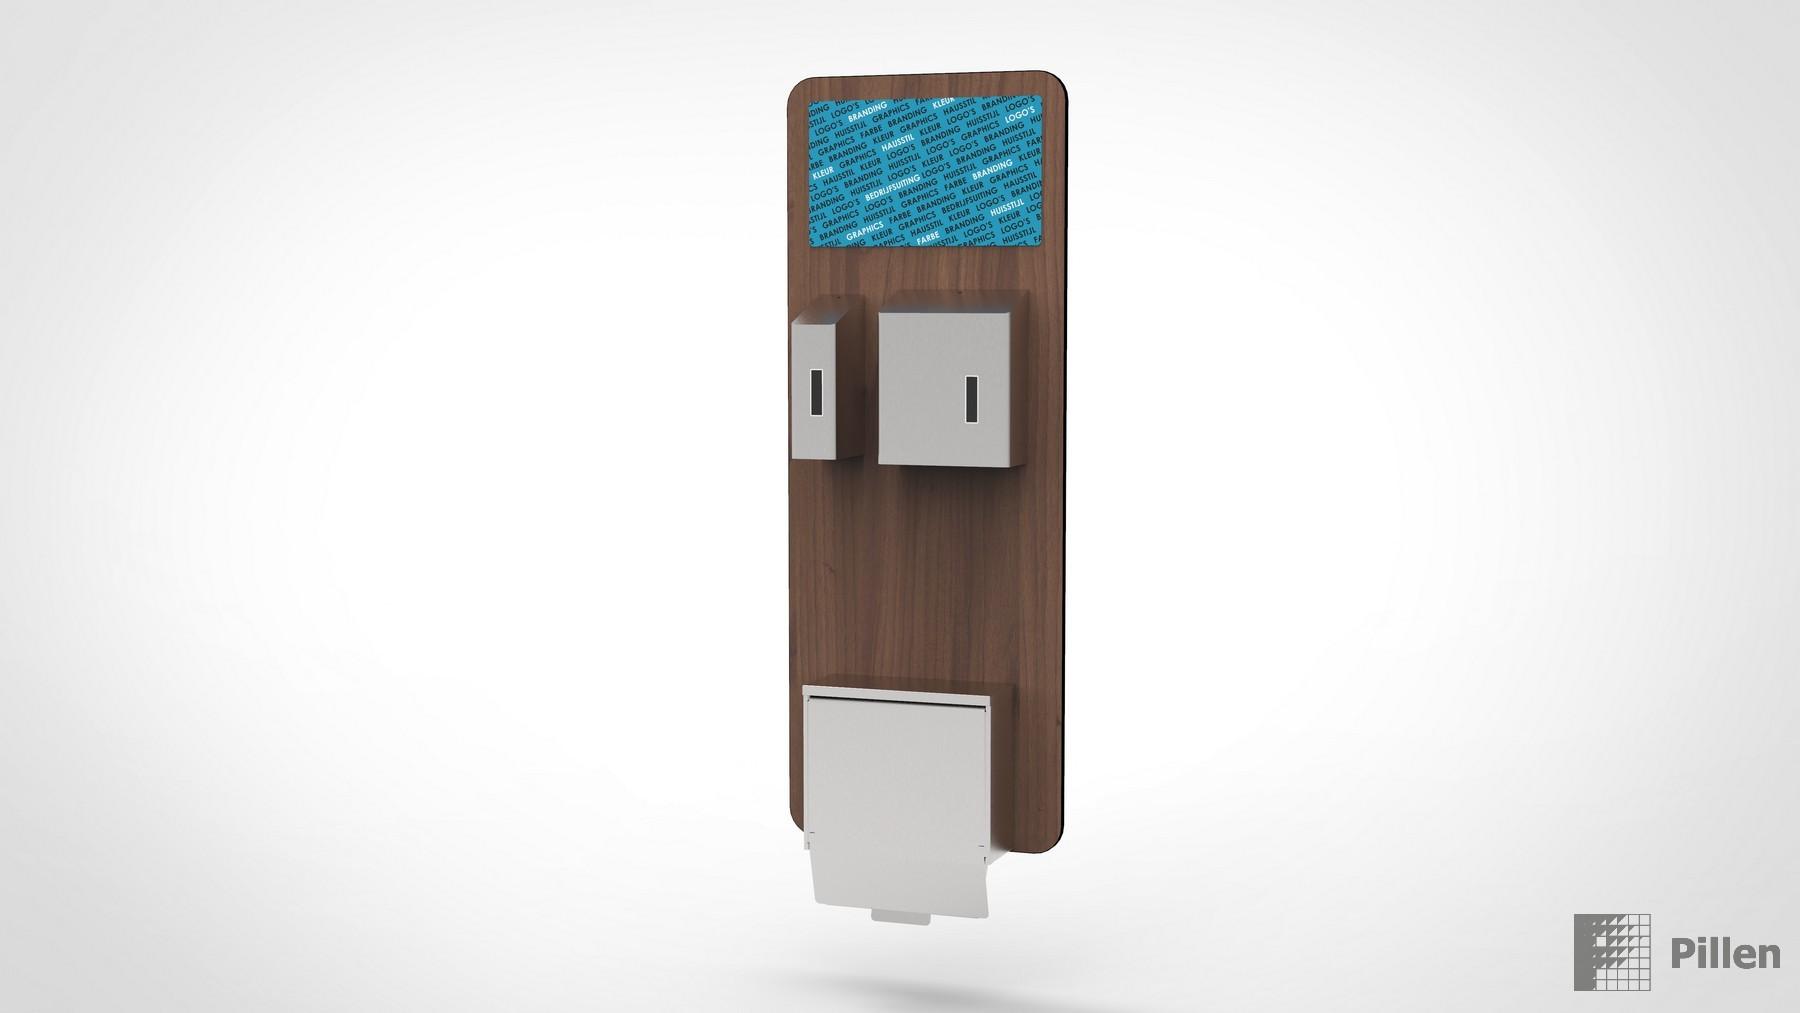 Hygienebord als hygiene station